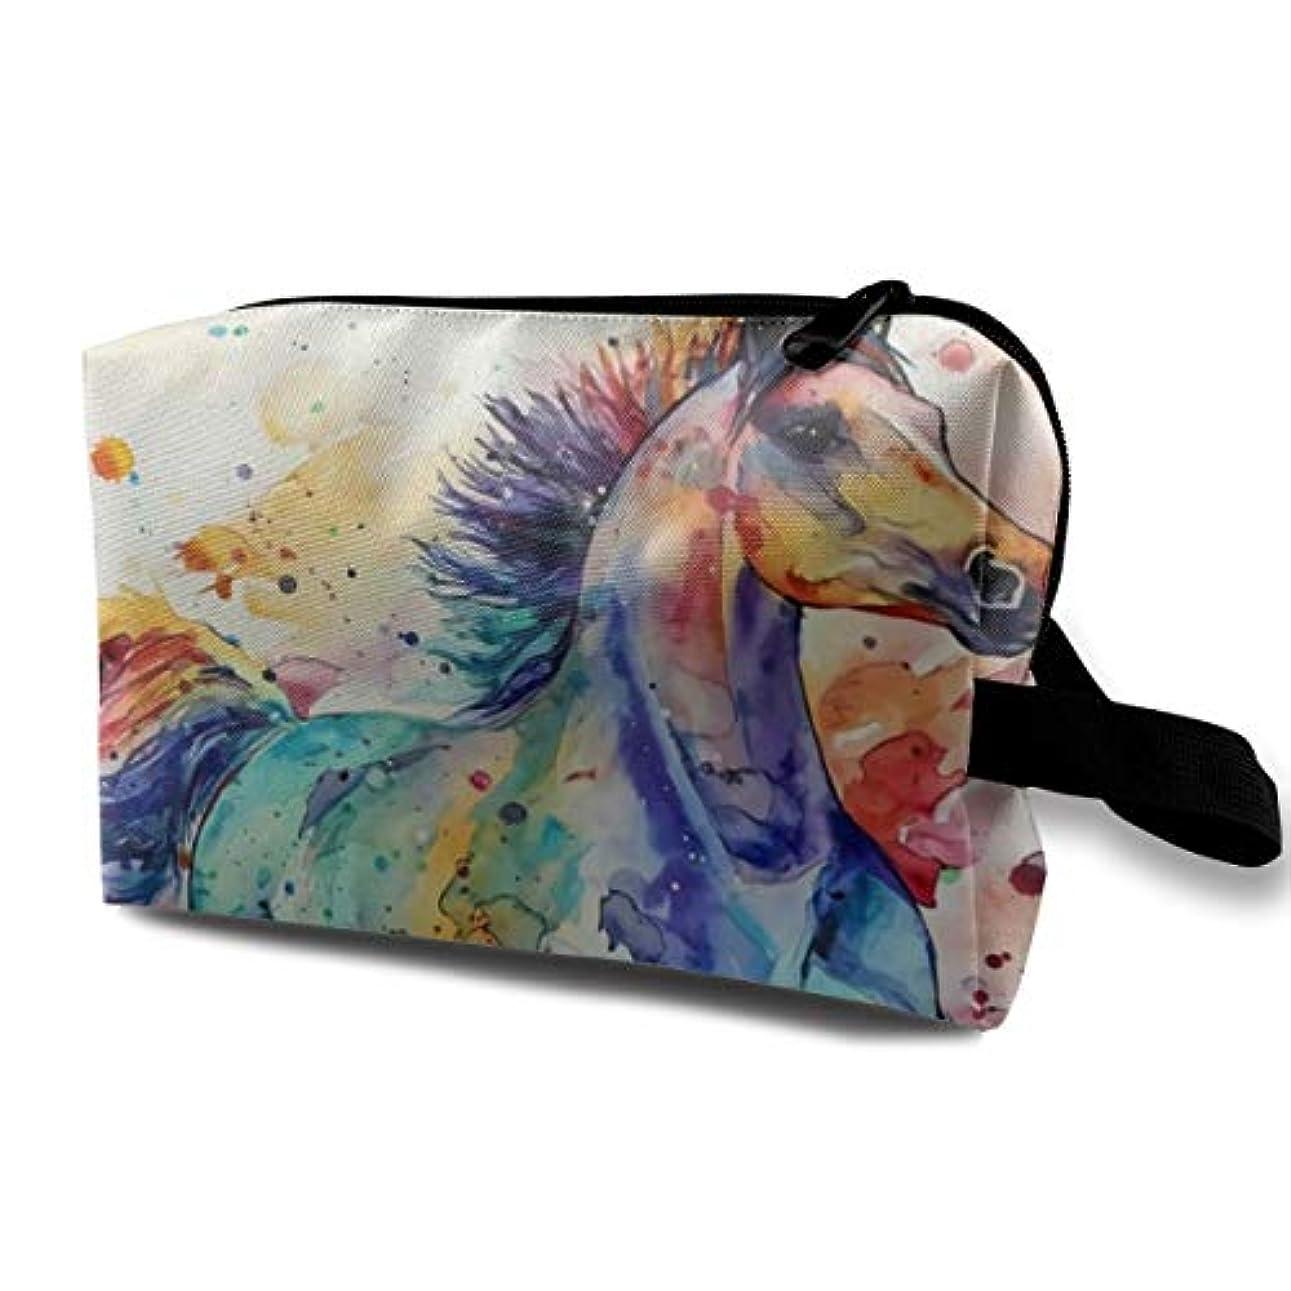 インポートパフかき混ぜるWatercolor Running Horse 収納ポーチ 化粧ポーチ 大容量 軽量 耐久性 ハンドル付持ち運び便利。入れ 自宅?出張?旅行?アウトドア撮影などに対応。メンズ レディース トラベルグッズ